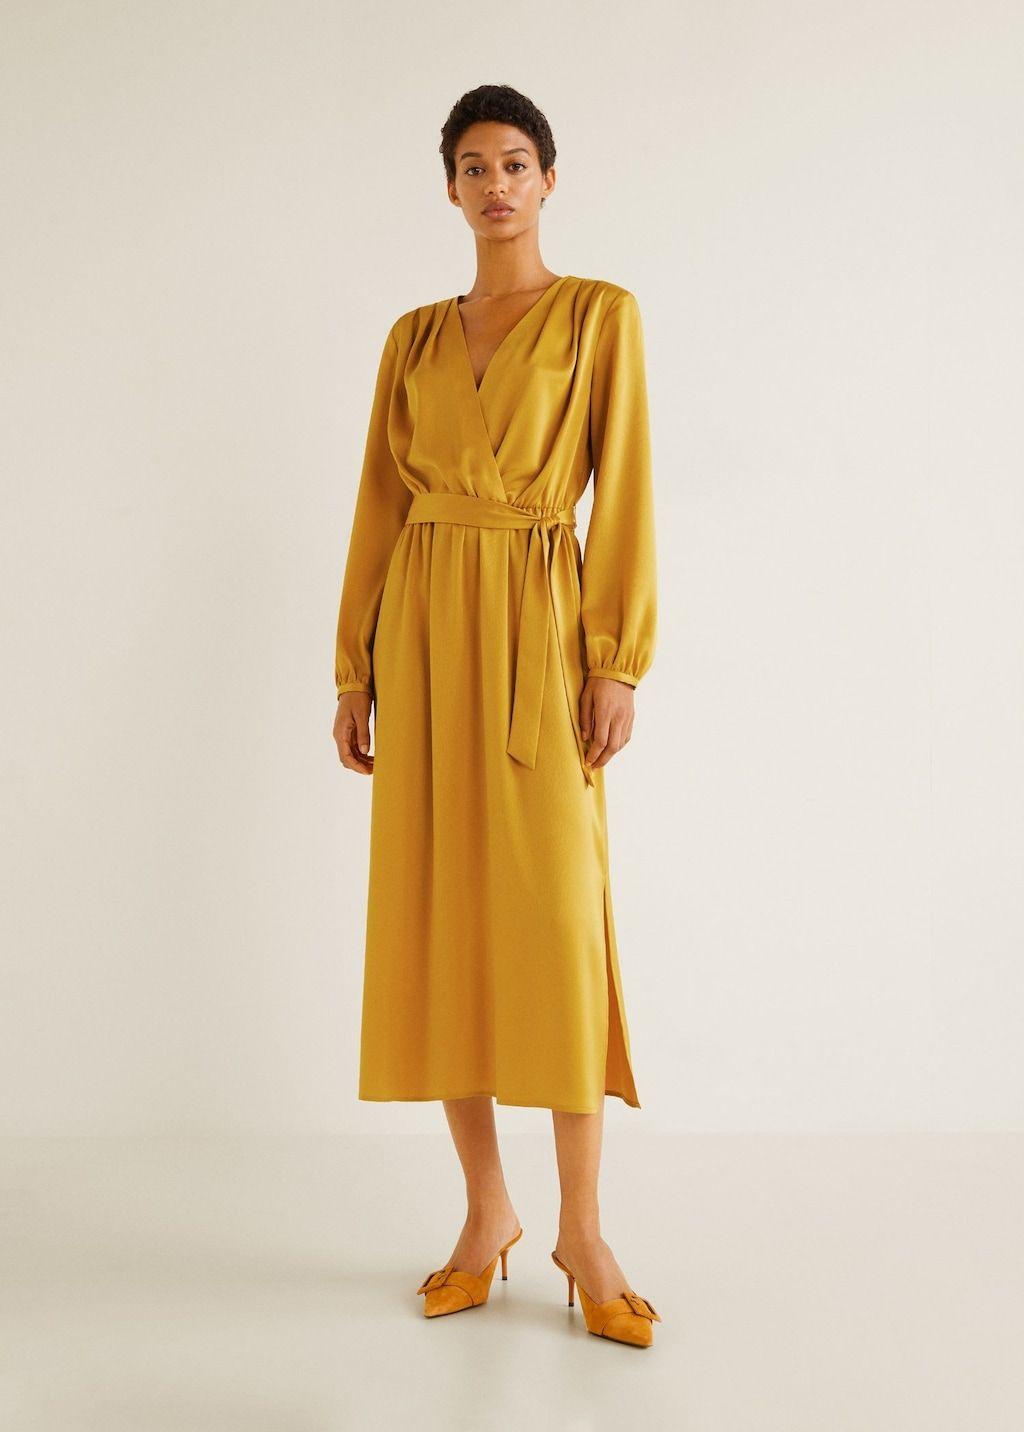 Uzun Saten Elbise Kadin Mango Turkiye Moda Stilleri The Dress Elbise